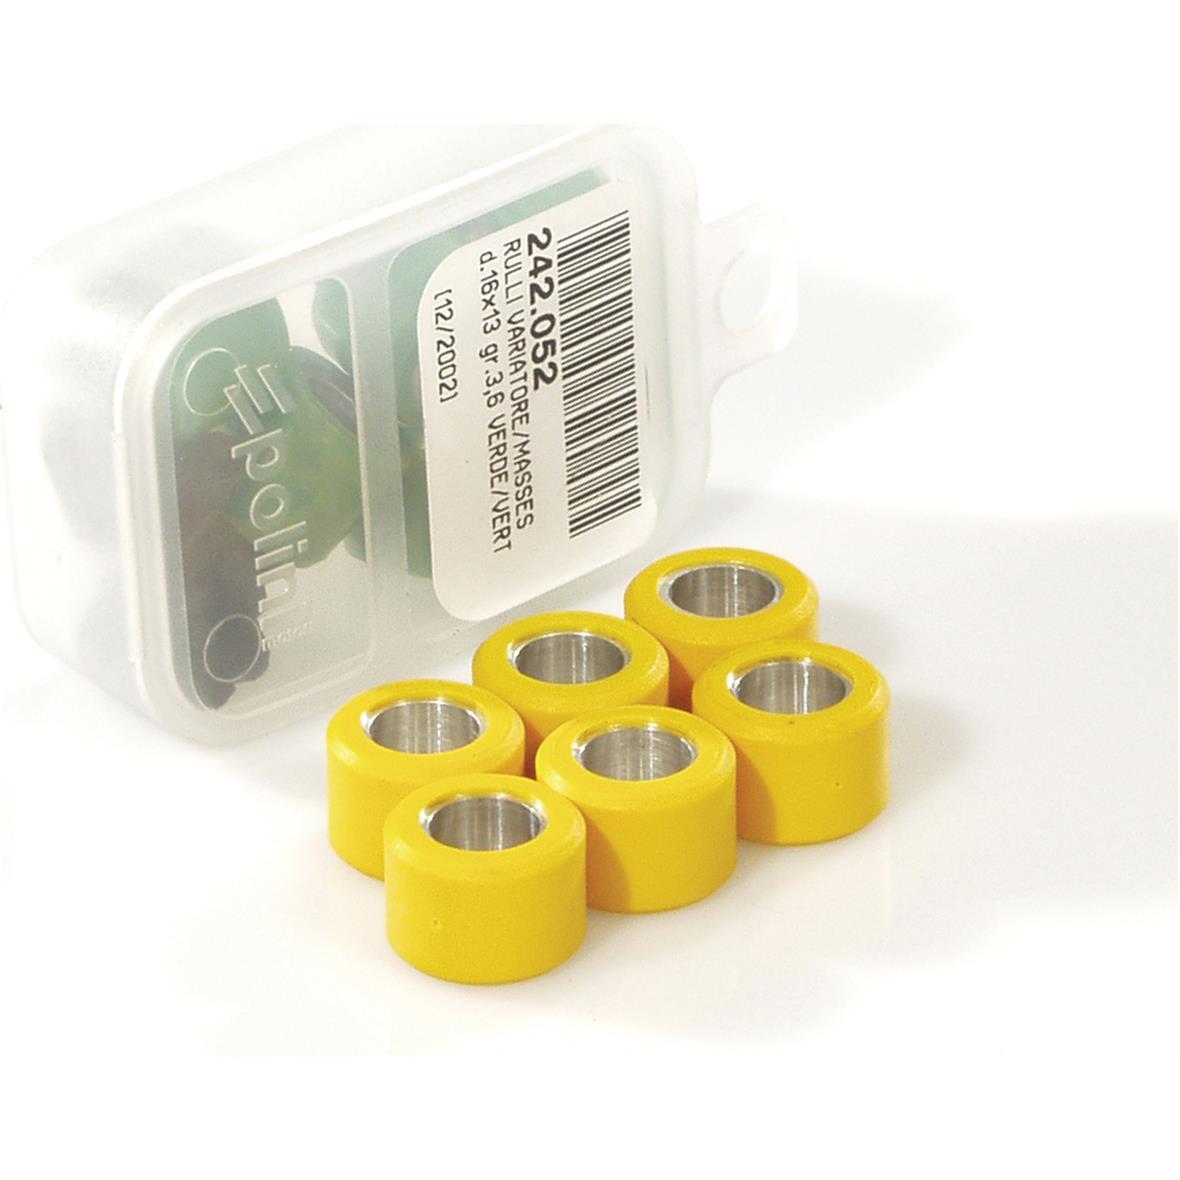 Productafbeelding voor 'Variateur Rollen POLINI 23x18 mm 26,0 gramTitle'